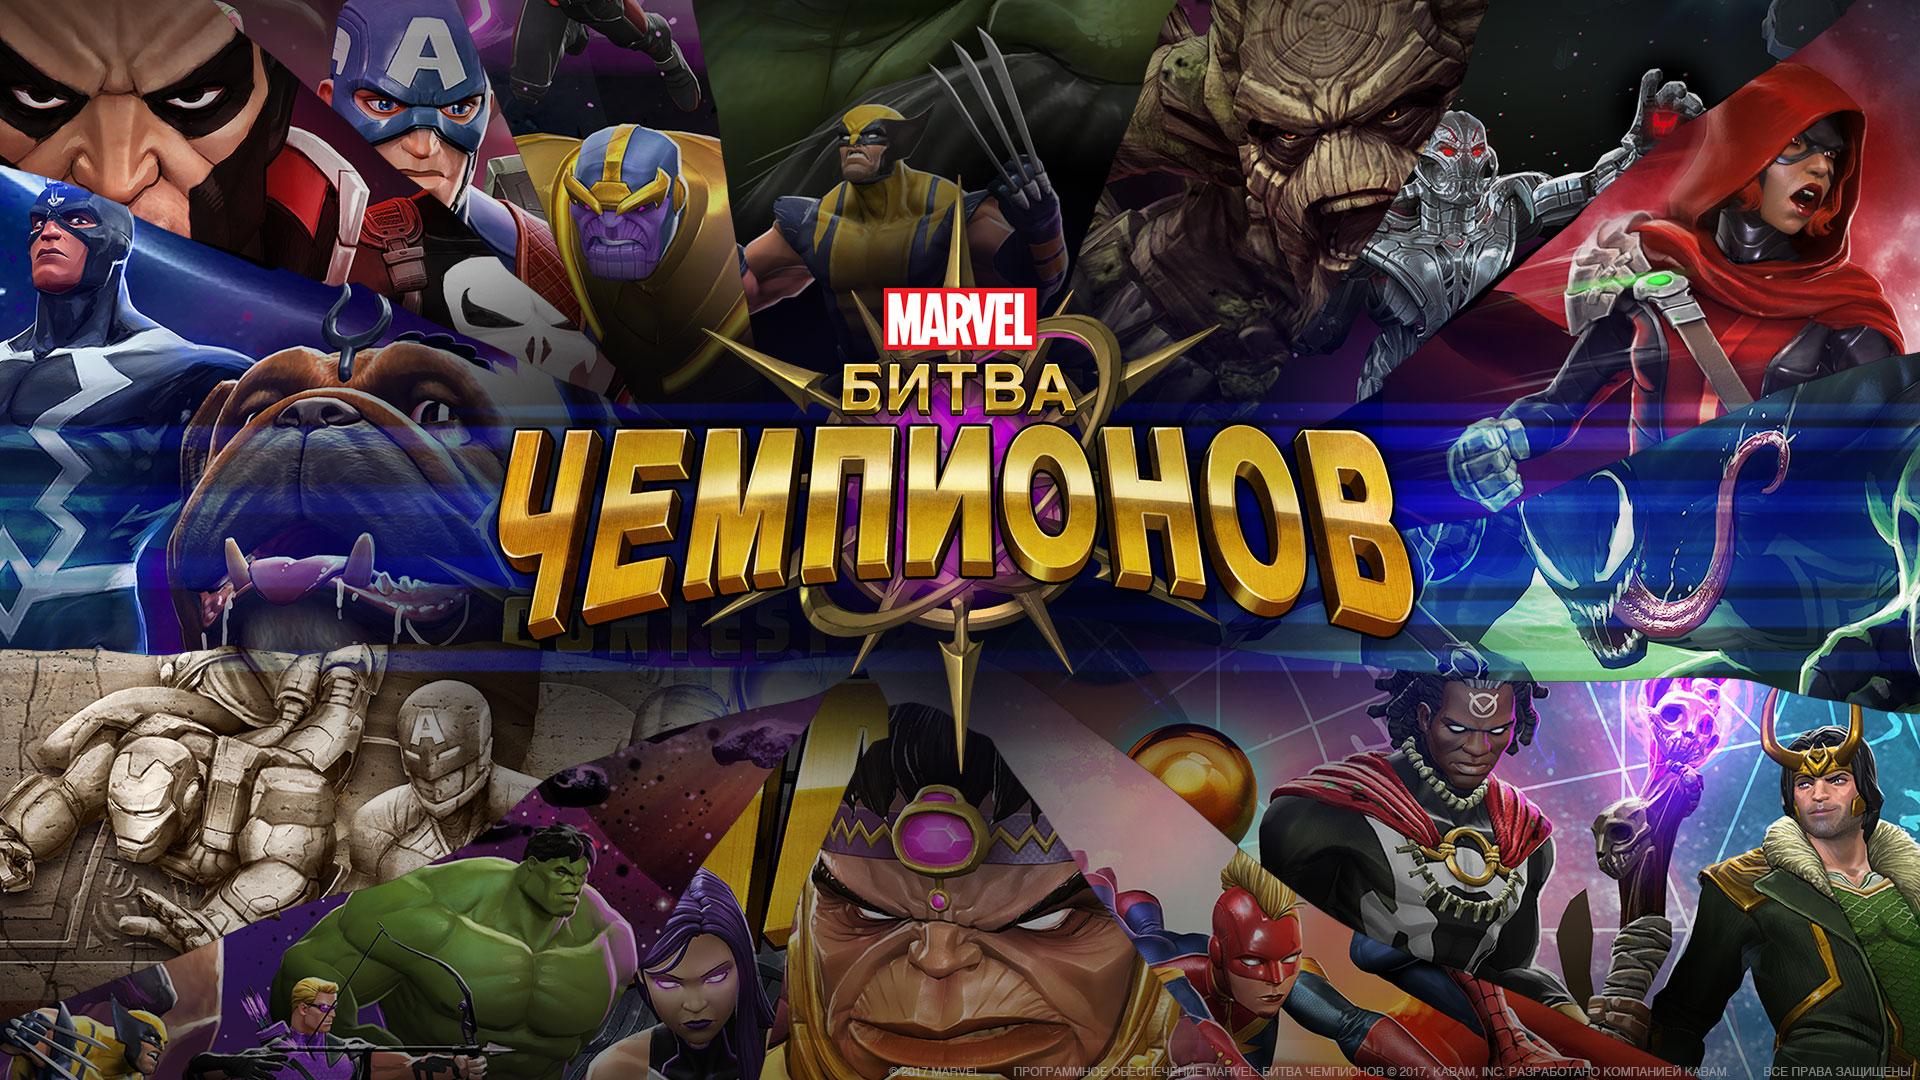 Взломанный Marvel Битва чемпионов на Андроид